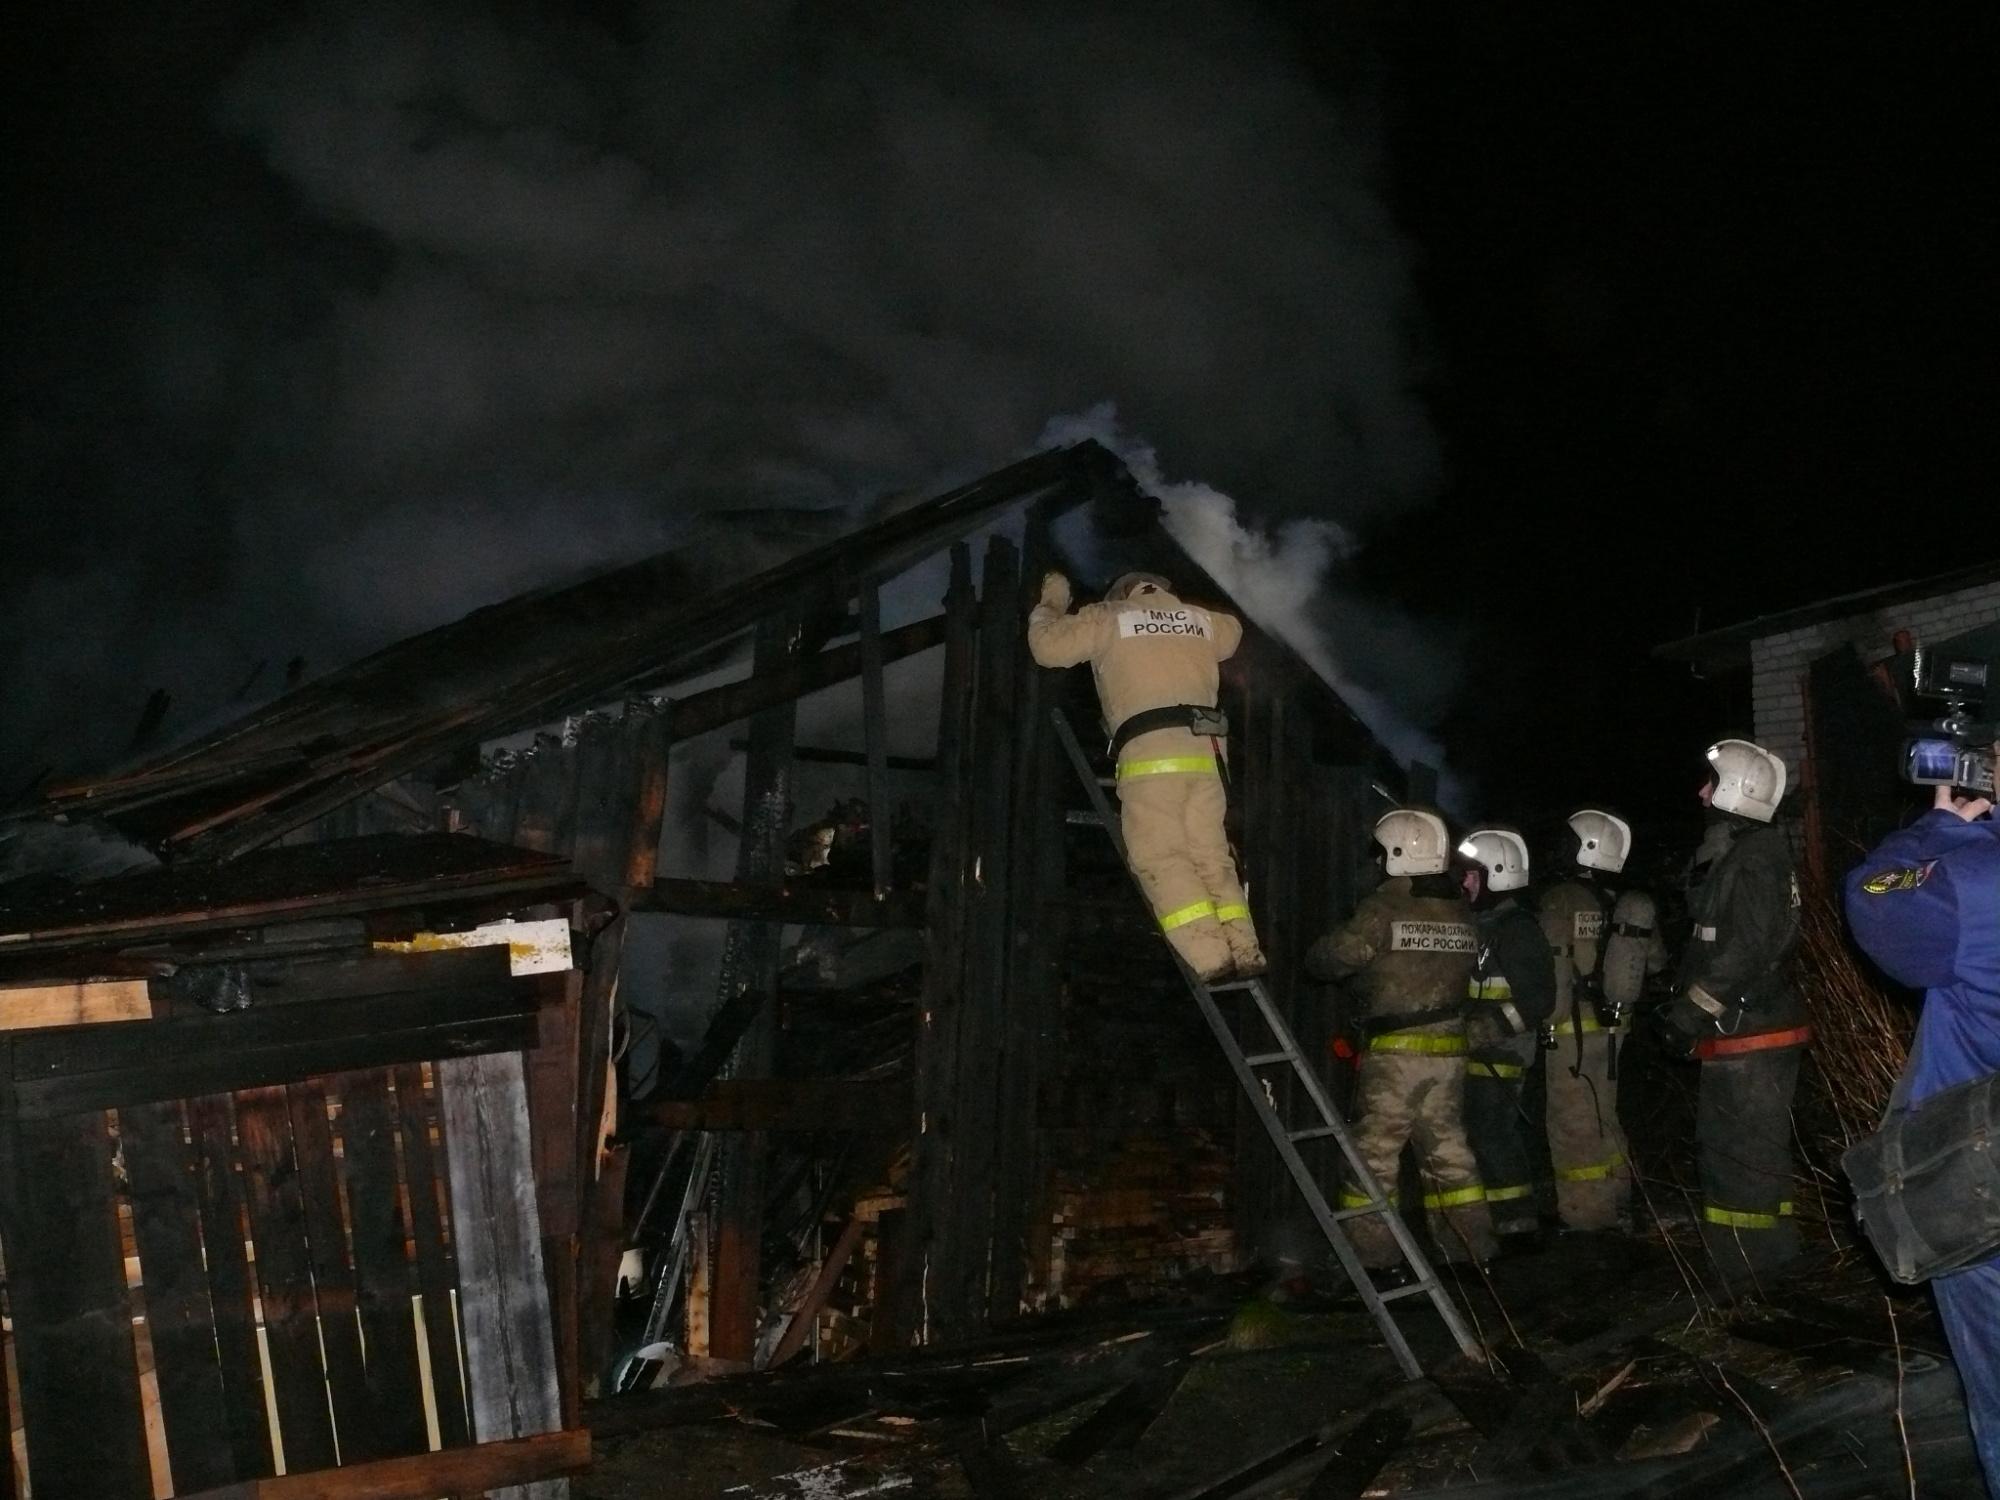 Пожарно-спасательные подразделения ликвидировали пожар в г. Новодвинск Архангельской области.